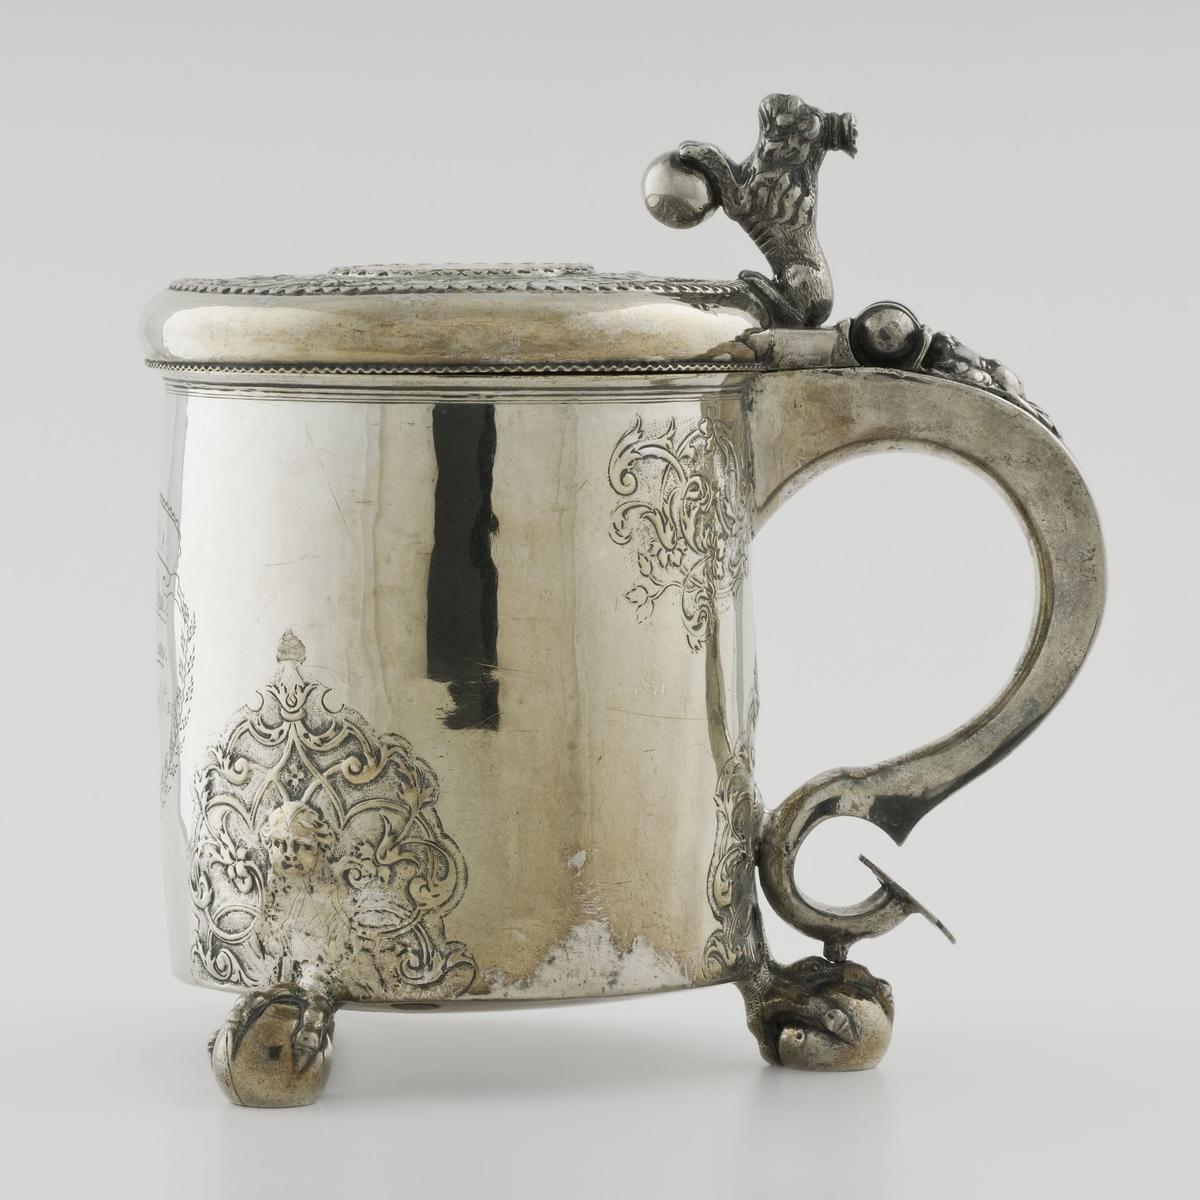 Kanne av sølv, sylindrisk med tre føtter formet som fugleklo som holder en kule. Buet håndtak som nederst ender i en skjoldformet plate og som øverst har hengsel for lokk. Lokknappen er formet som en sittende kronet løve med en kule i forlabbene. Lokket har innfelt en forgylt sølvmynt, en 2-kronemynt fra Christian 4.s tid, 1619.